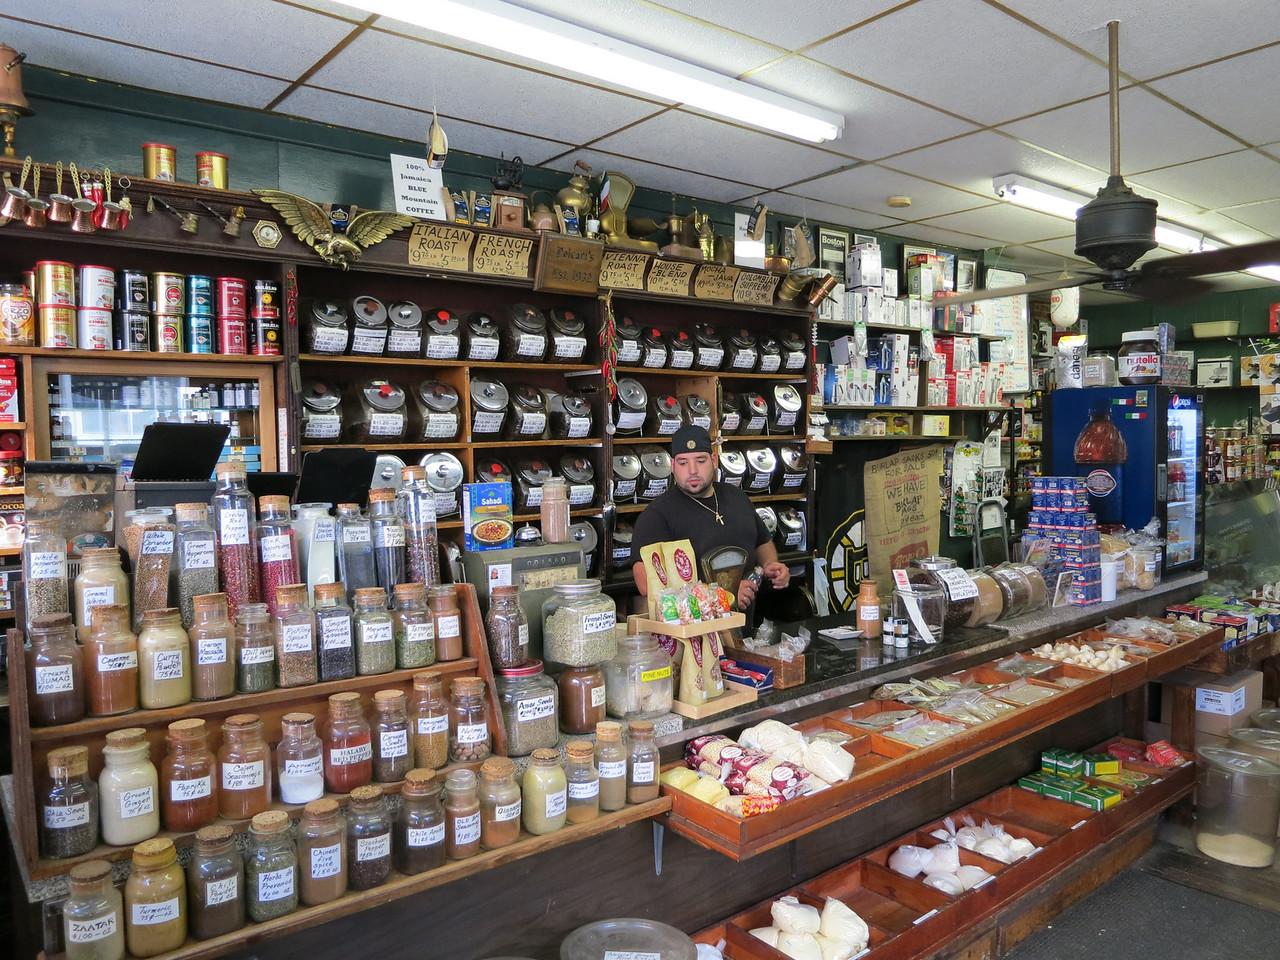 Market in Boston's North End